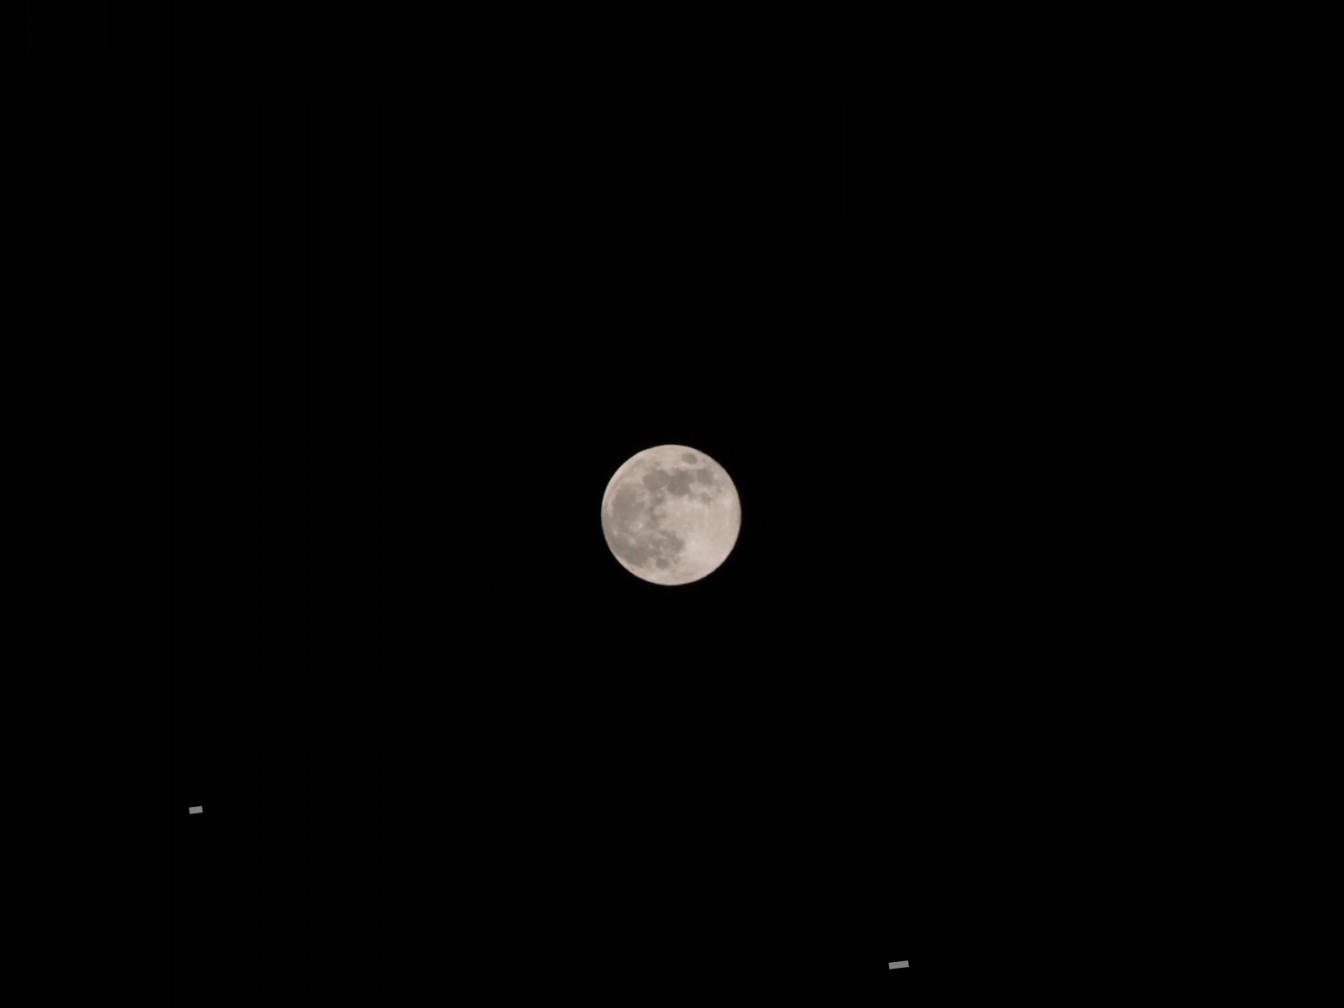 満月が綺麗に撮れる🌕写真の撮り方📷❕